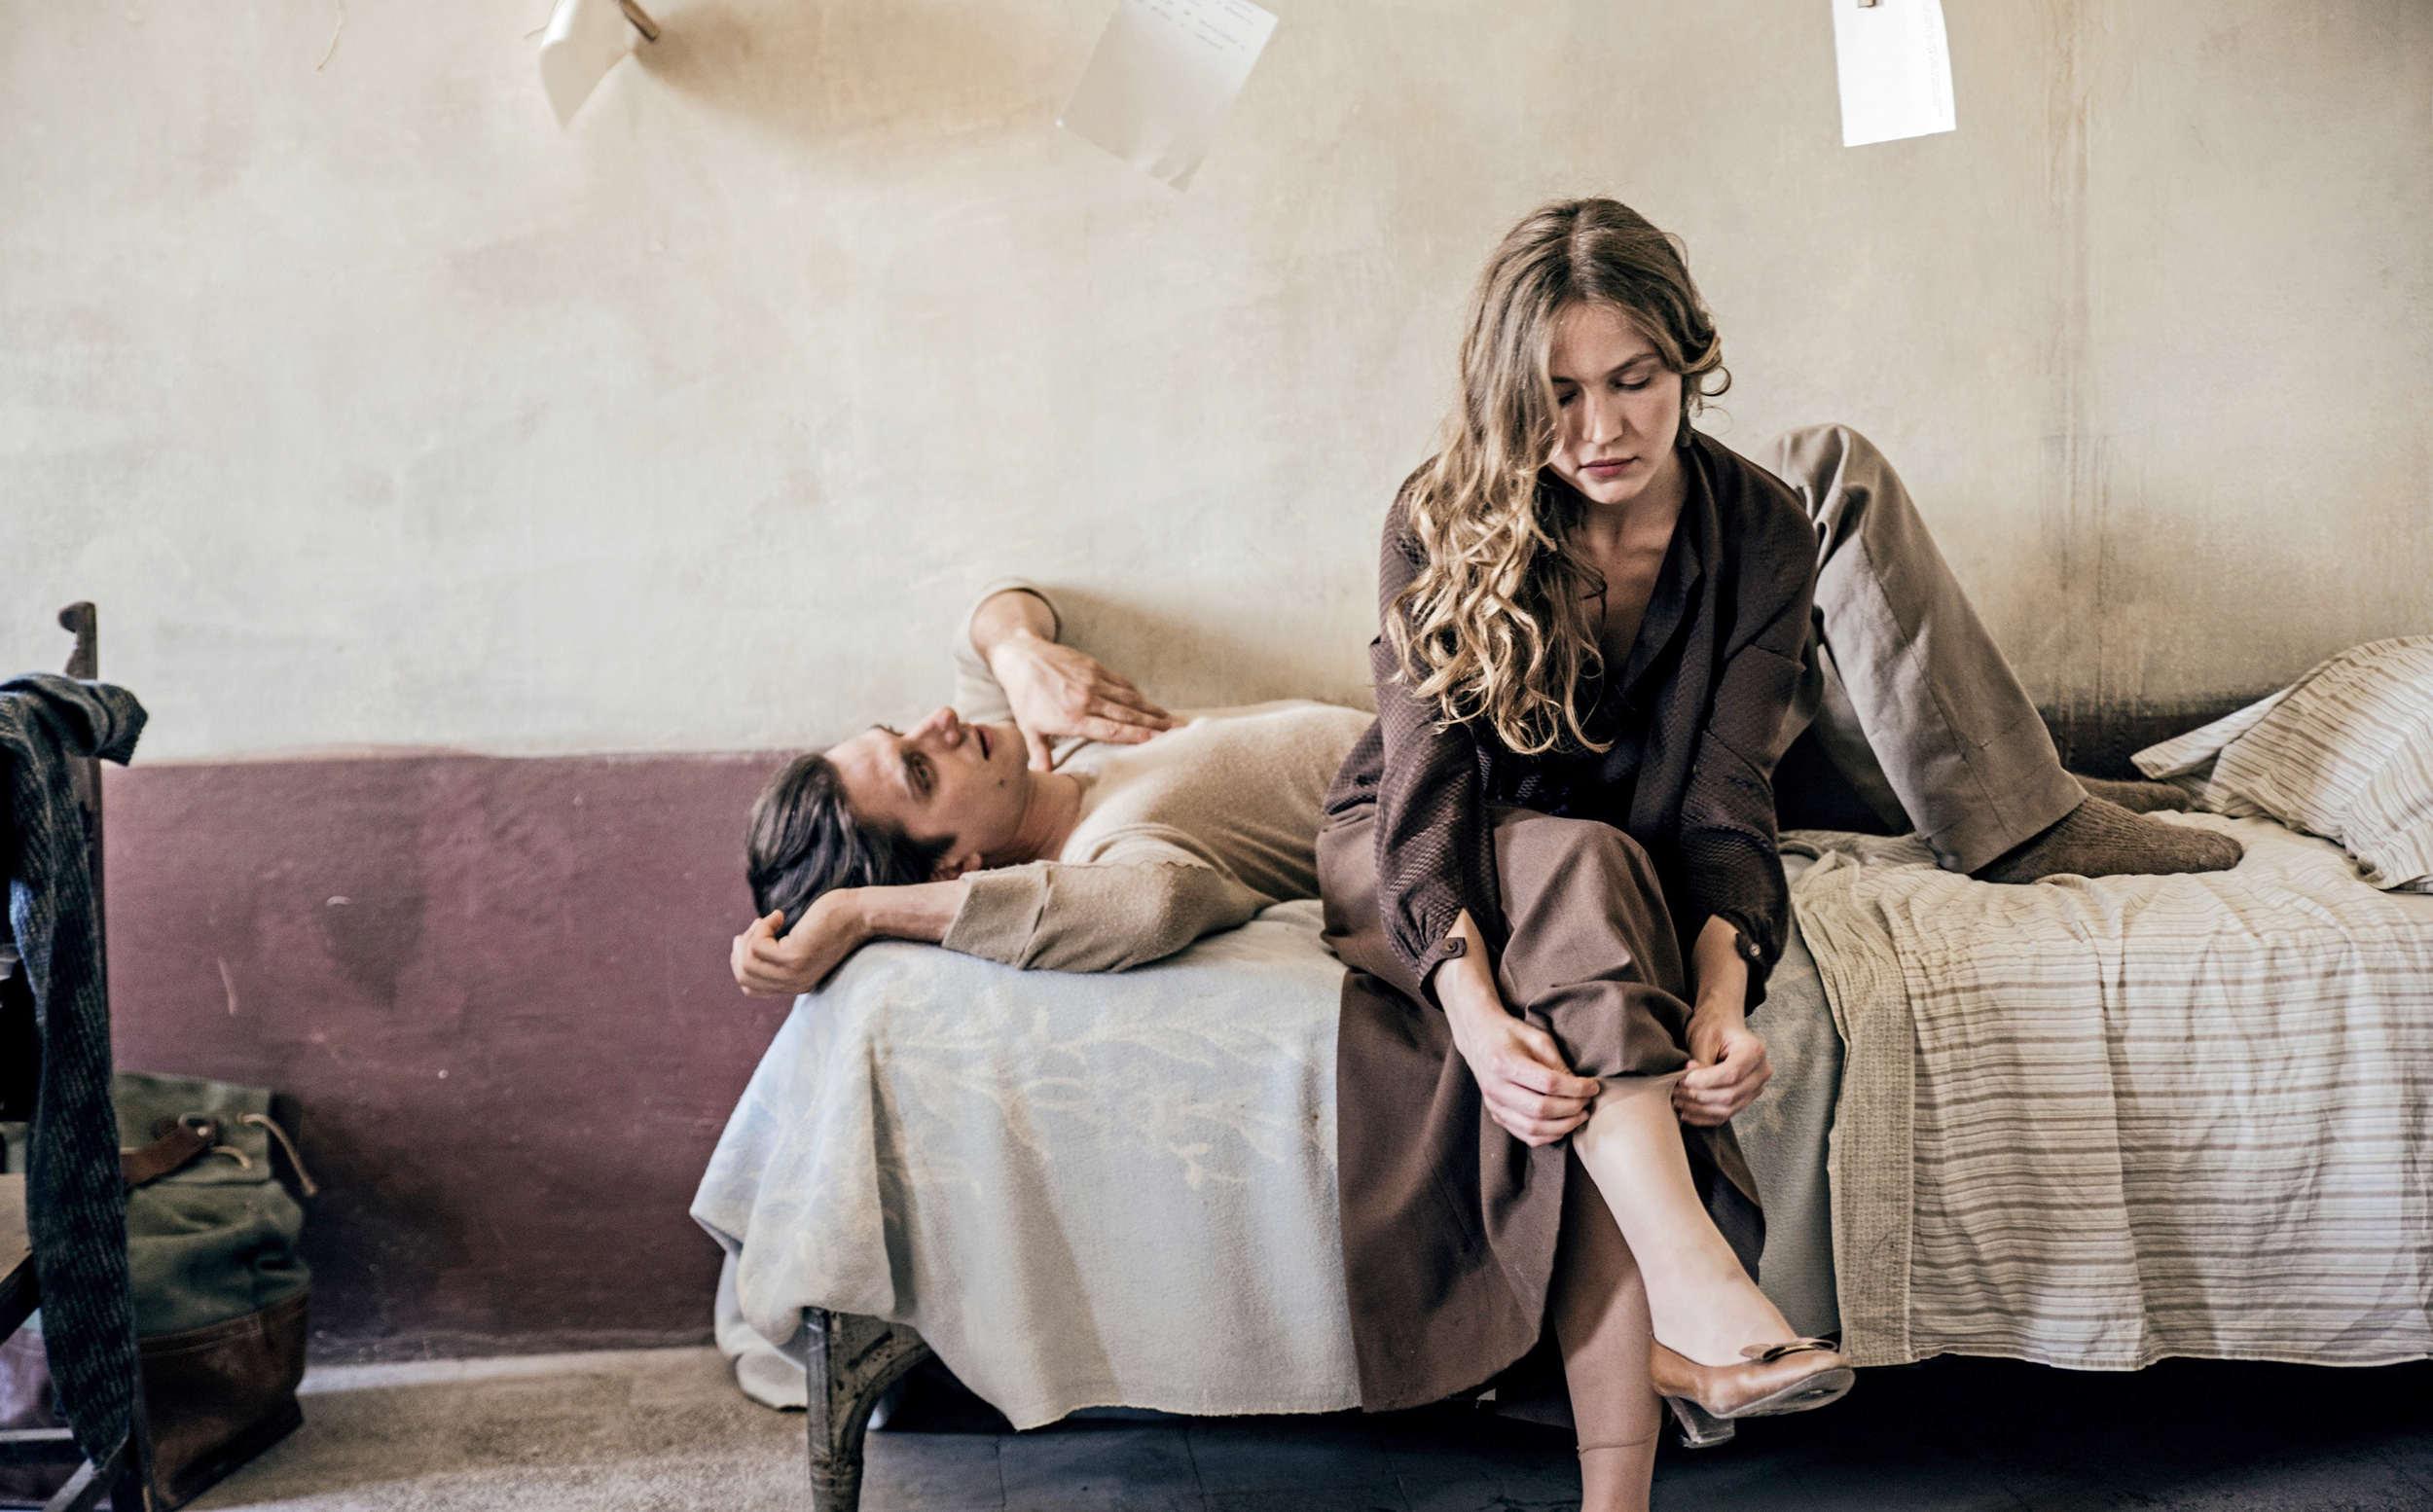 潔西卡克雷西(Jessica Cressy)在新片《馬丁伊登》(Martin Eden)因緣際會愛上水手馬丁伊登(路卡馬林內利 Luca Marinelli 飾),鼓勵他成為一名作家。奈何愛情終究不敵階層的藩籬,男友輝煌騰達時,竟也是兩人黯然分手日